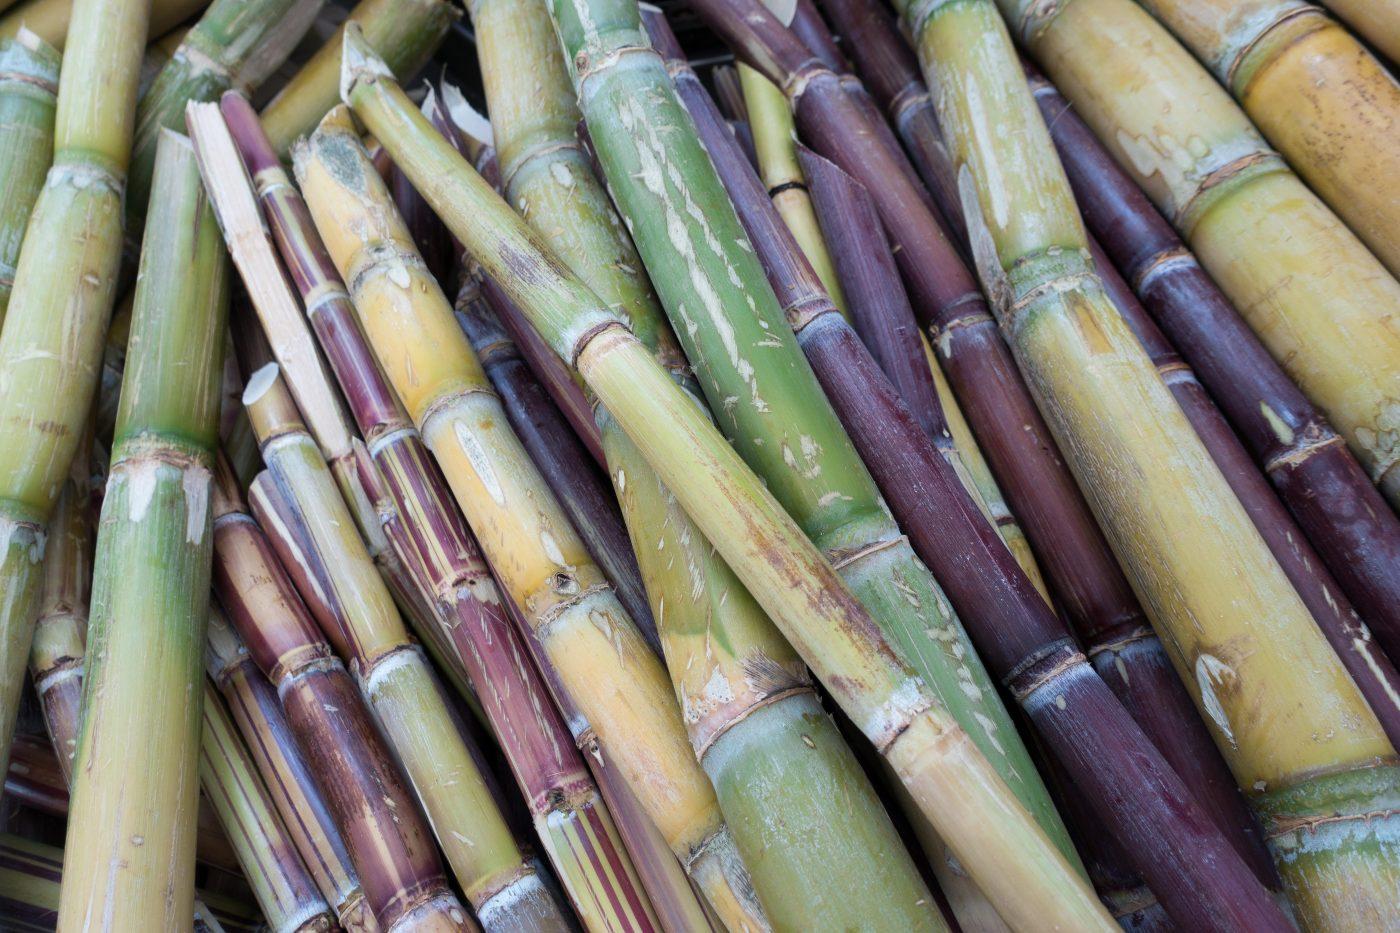 Zuckerrohr in unterschiedlichen Farben: grün, gelb, lila